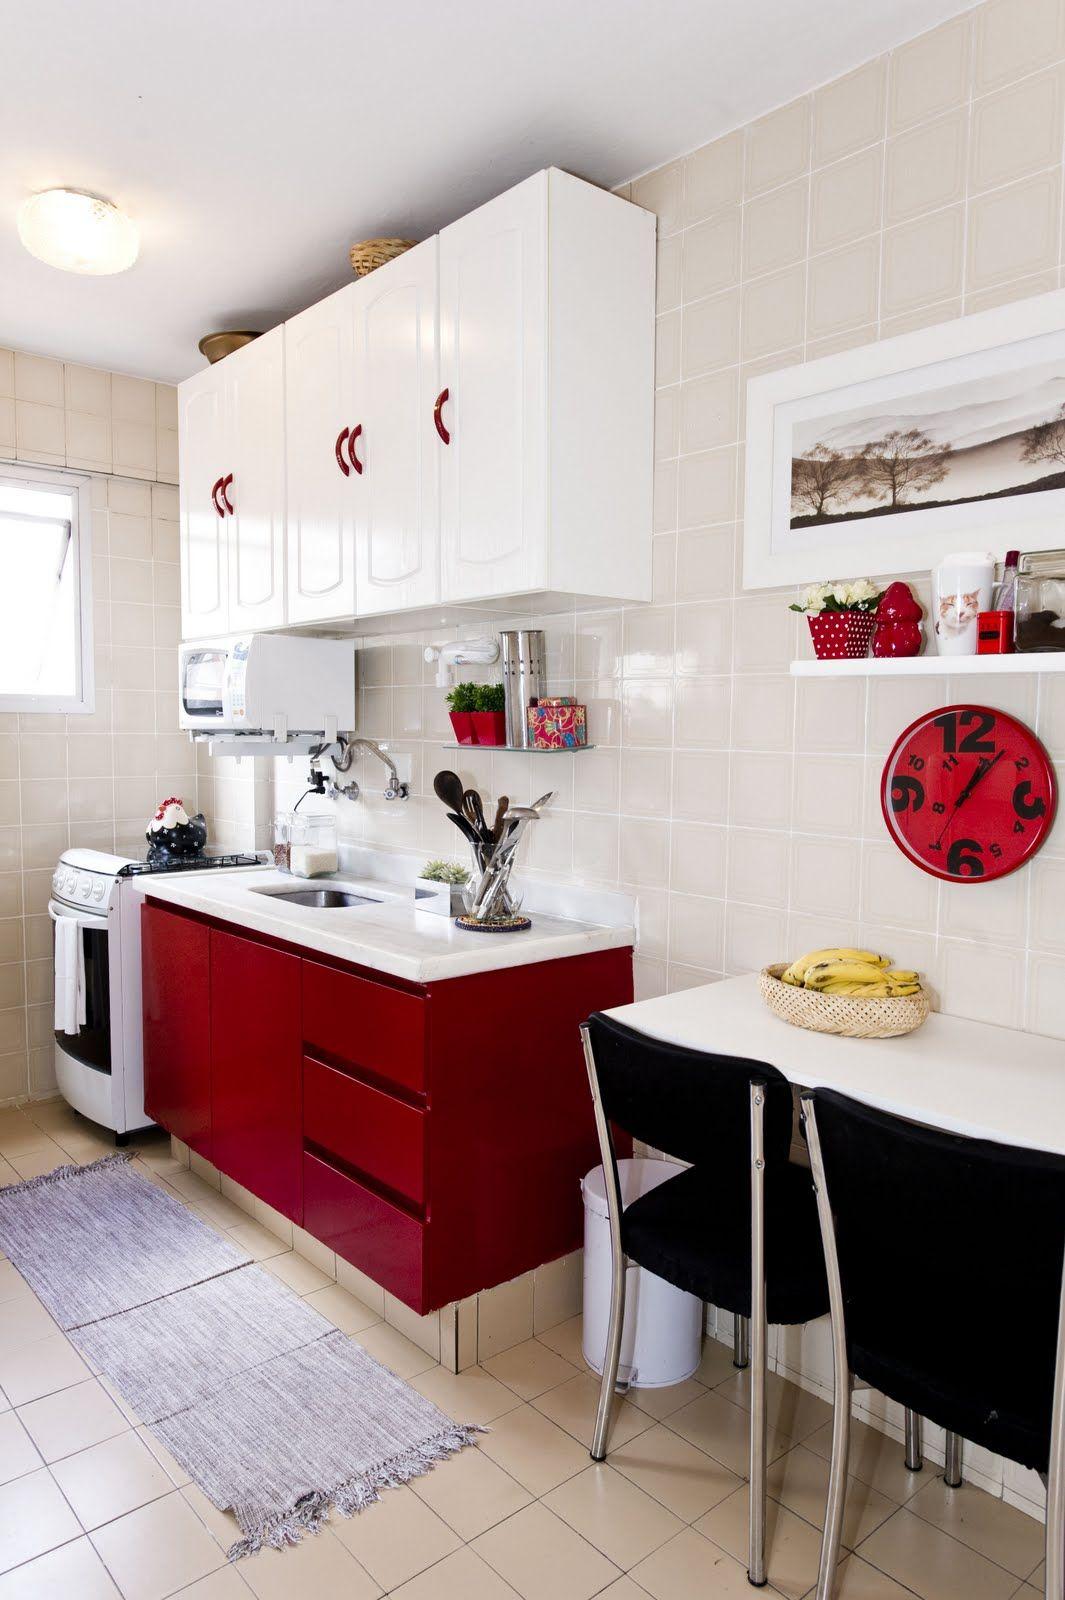 Favoritos preto e vermelho | Home | Pinterest | Vermelho, Preto e Decoração  OH06